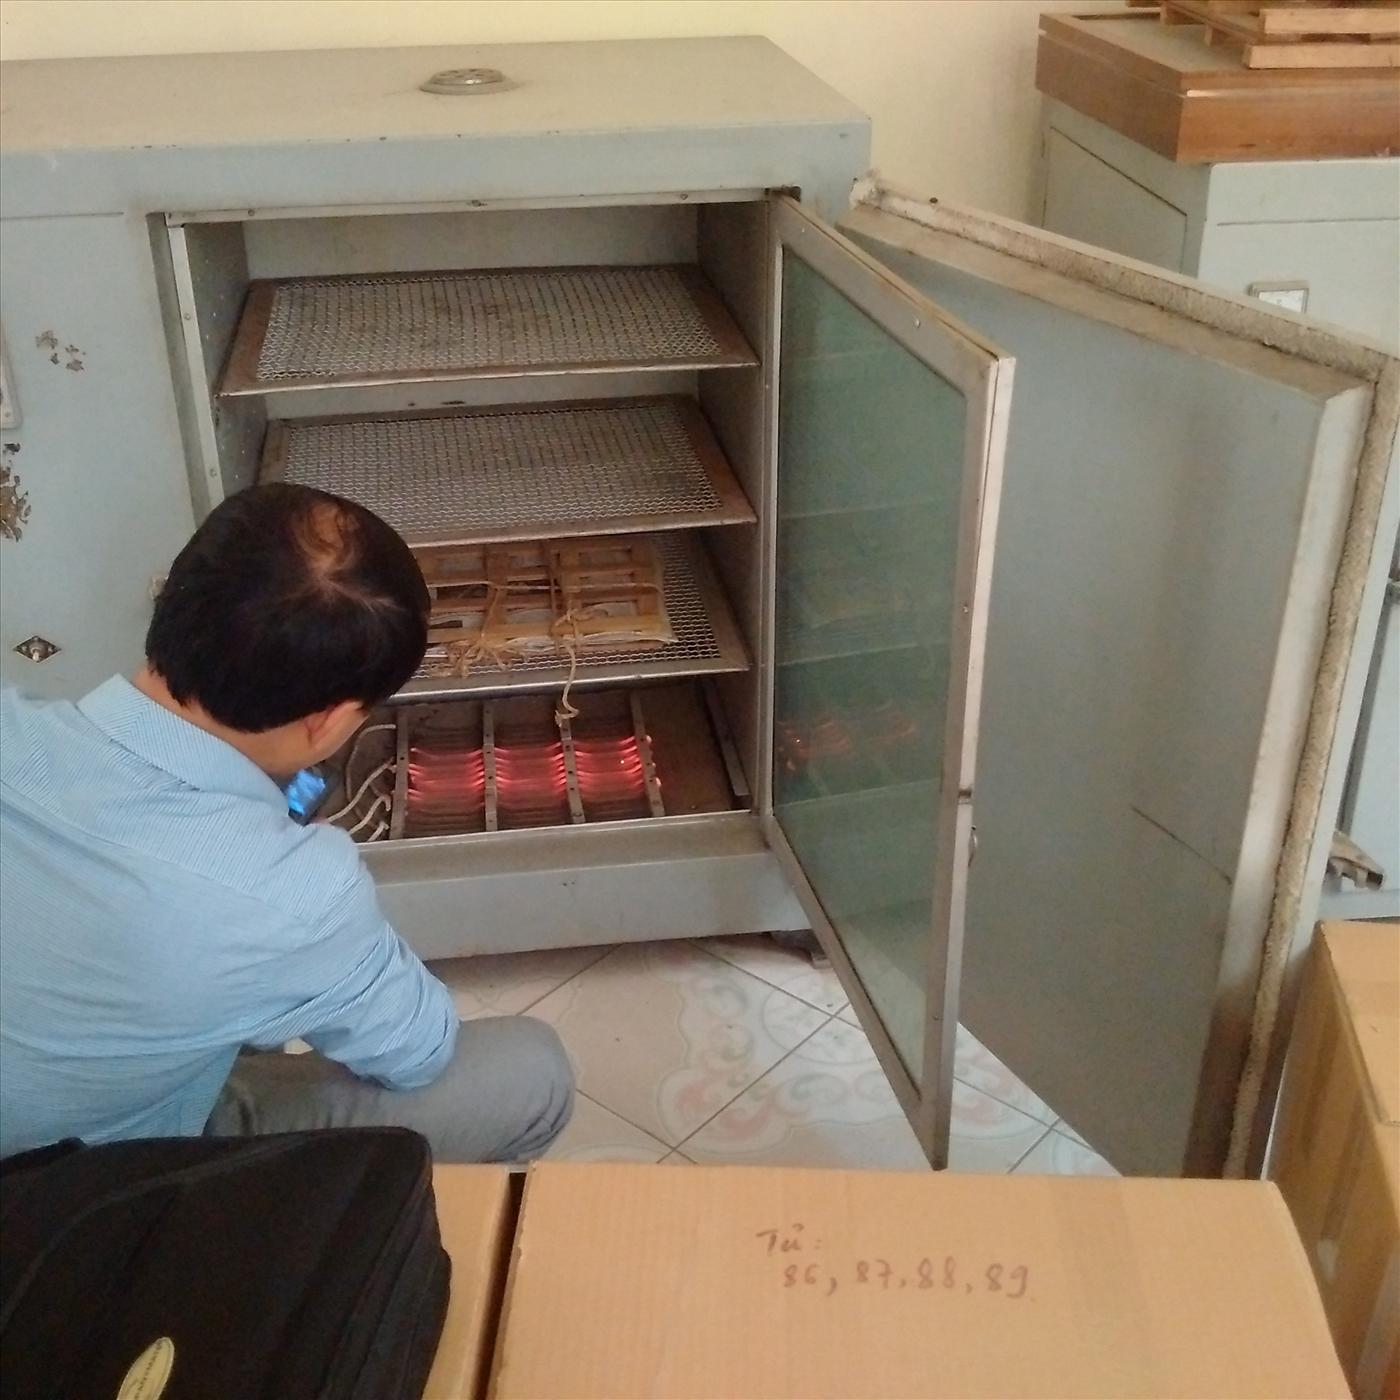 Địa chỉ cung cấp dịch vụ sửa chữa tủ hấp sấy